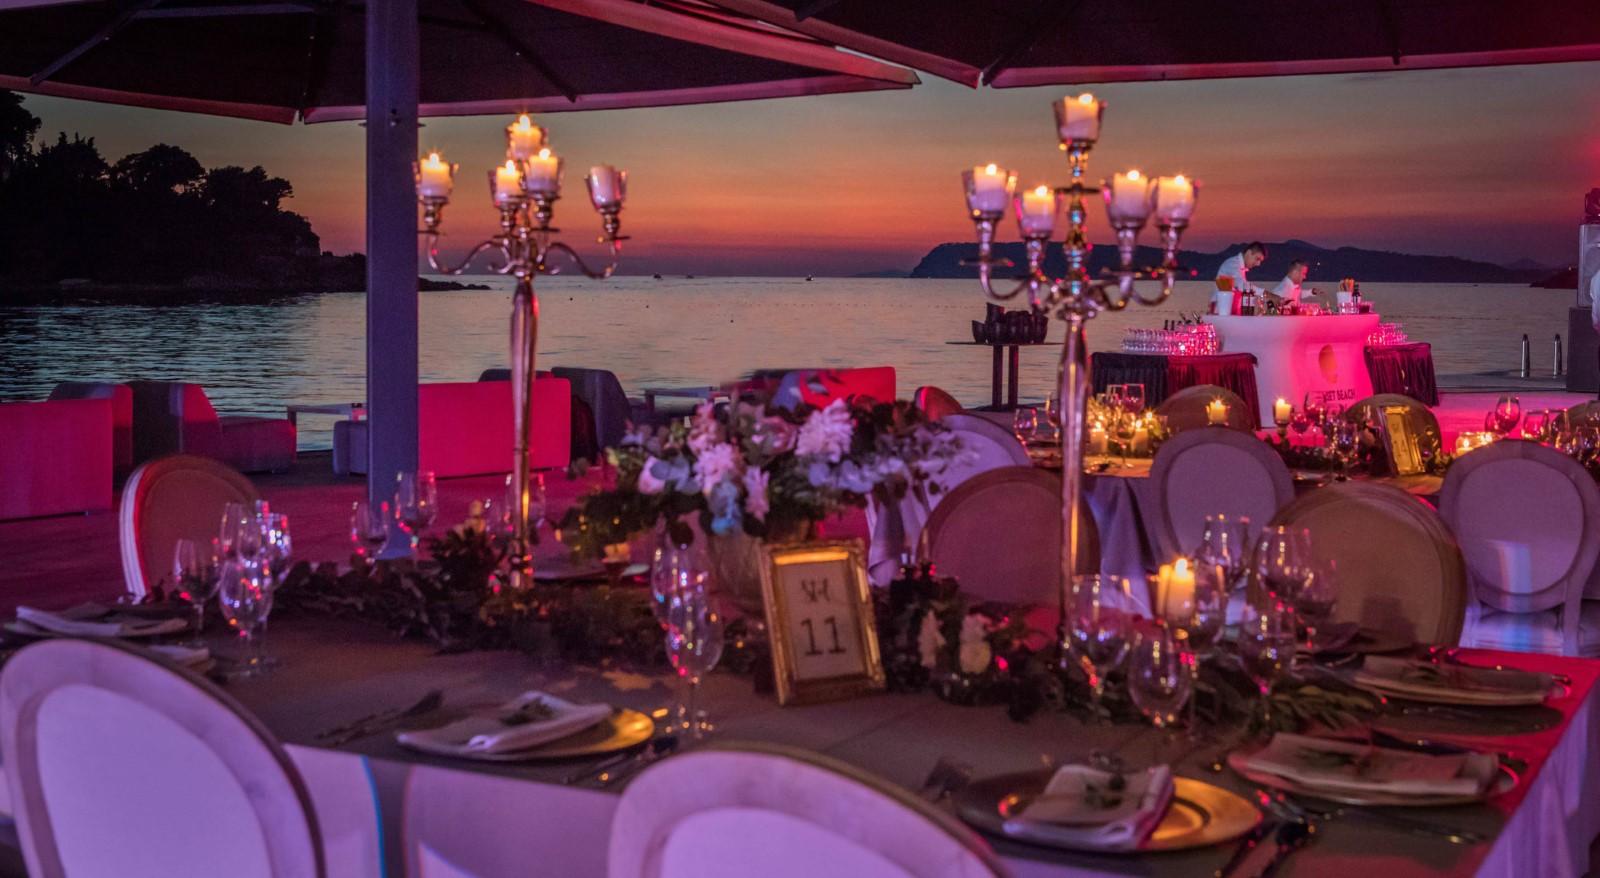 sunset beach dubrovnik romantic sunset dinner